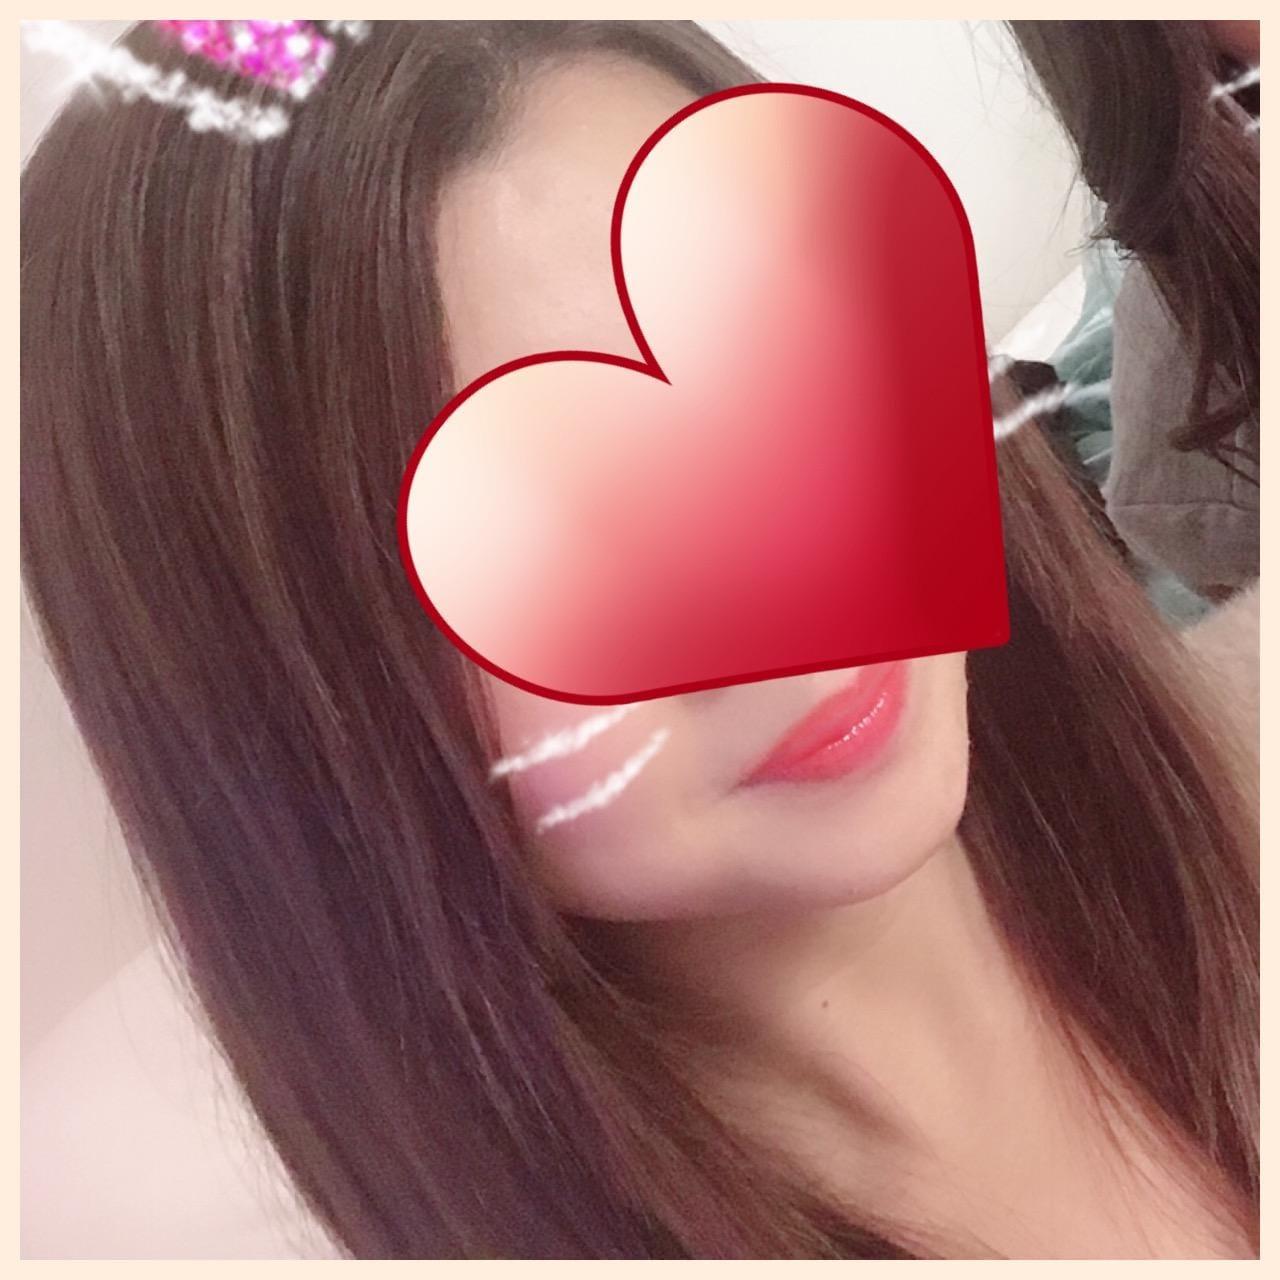 「こんばんは」12/14(金) 00:50 | じゅんたんの写メ・風俗動画